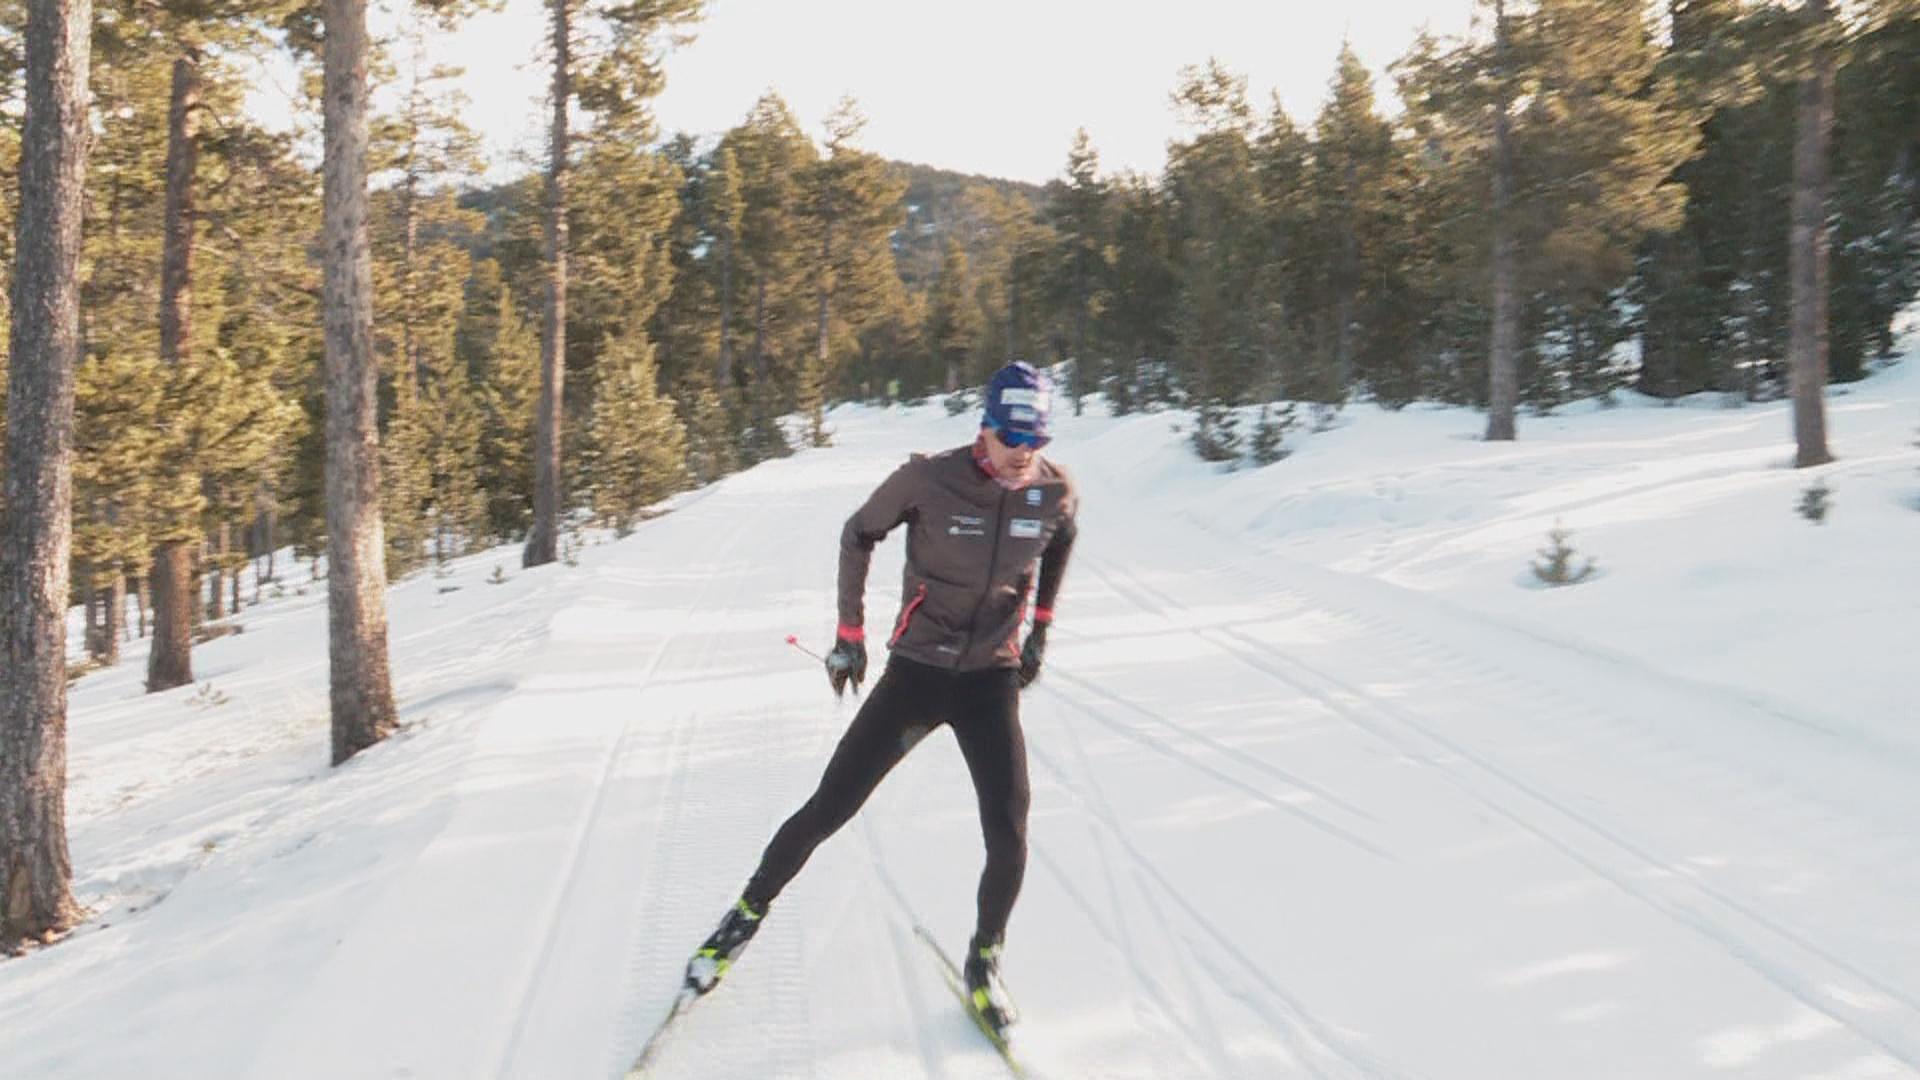 En esquí de fons Irineu Esteve ha acabat en el lloc 17 a l